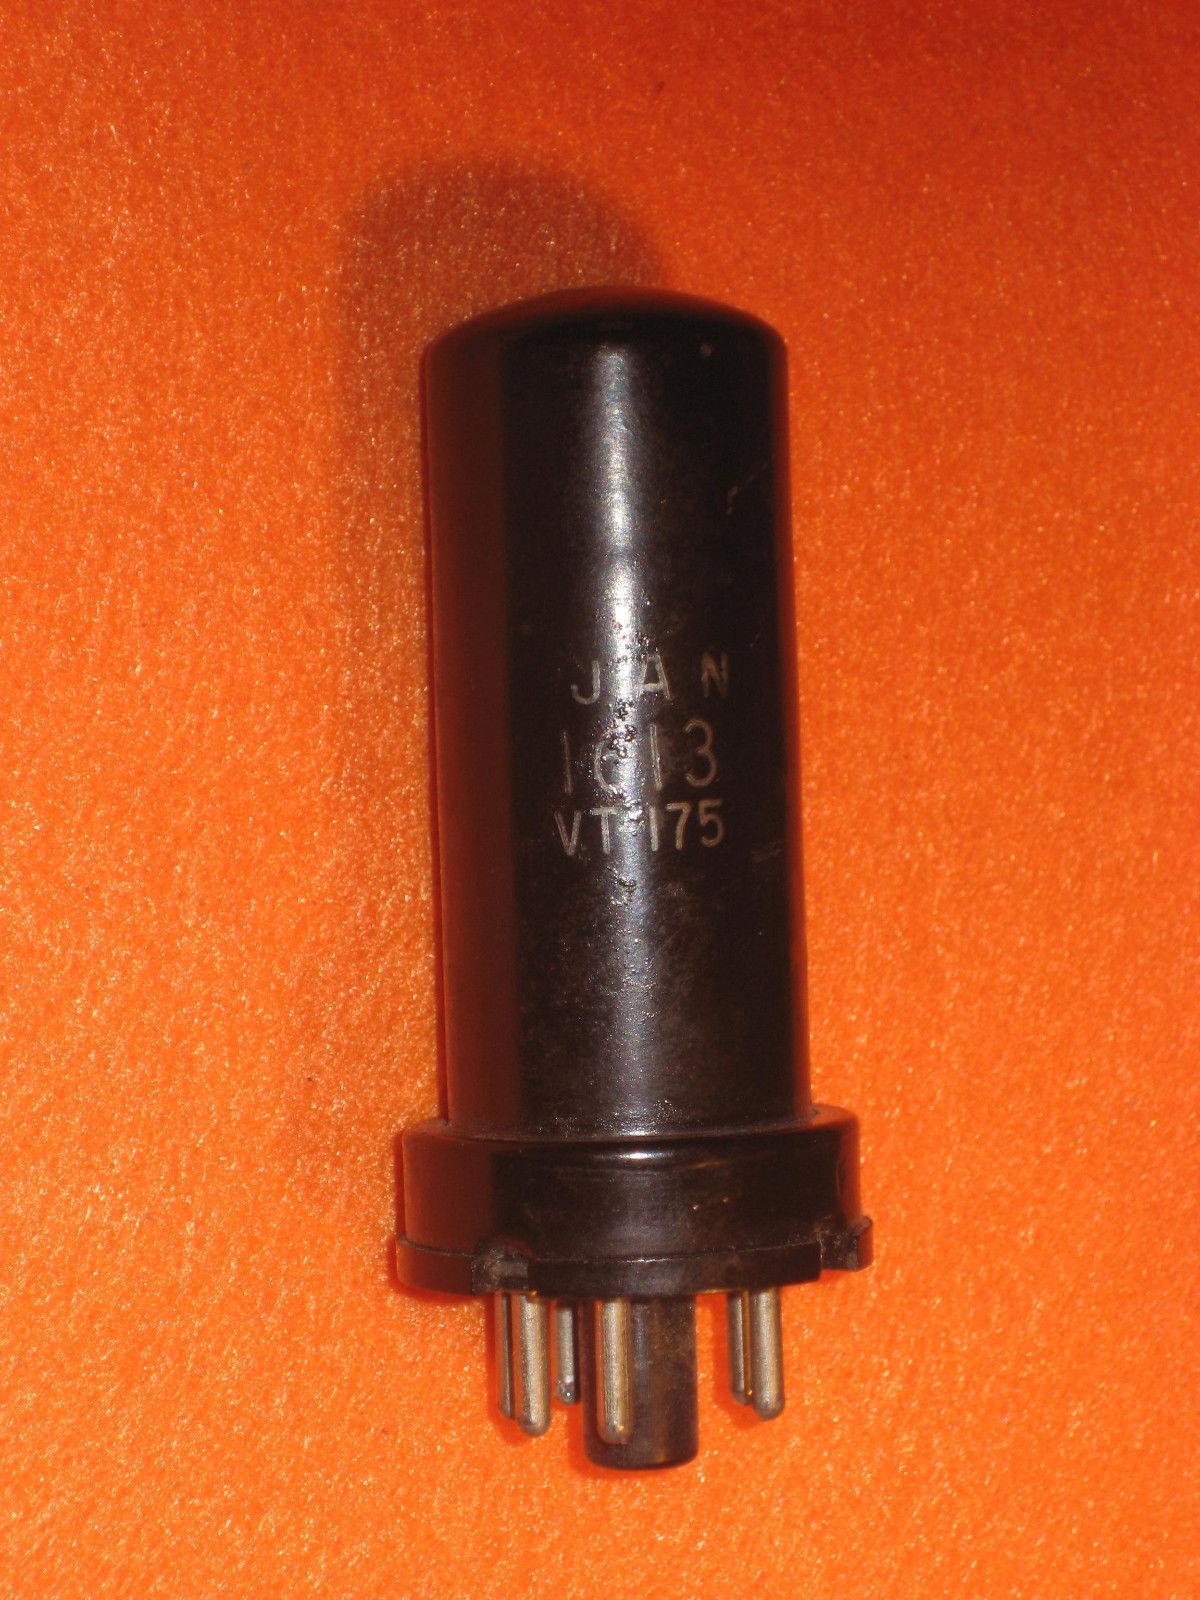 Vintage Radio Vacuum Tube (one): 1613 / VT-175 Metal - Tested Good